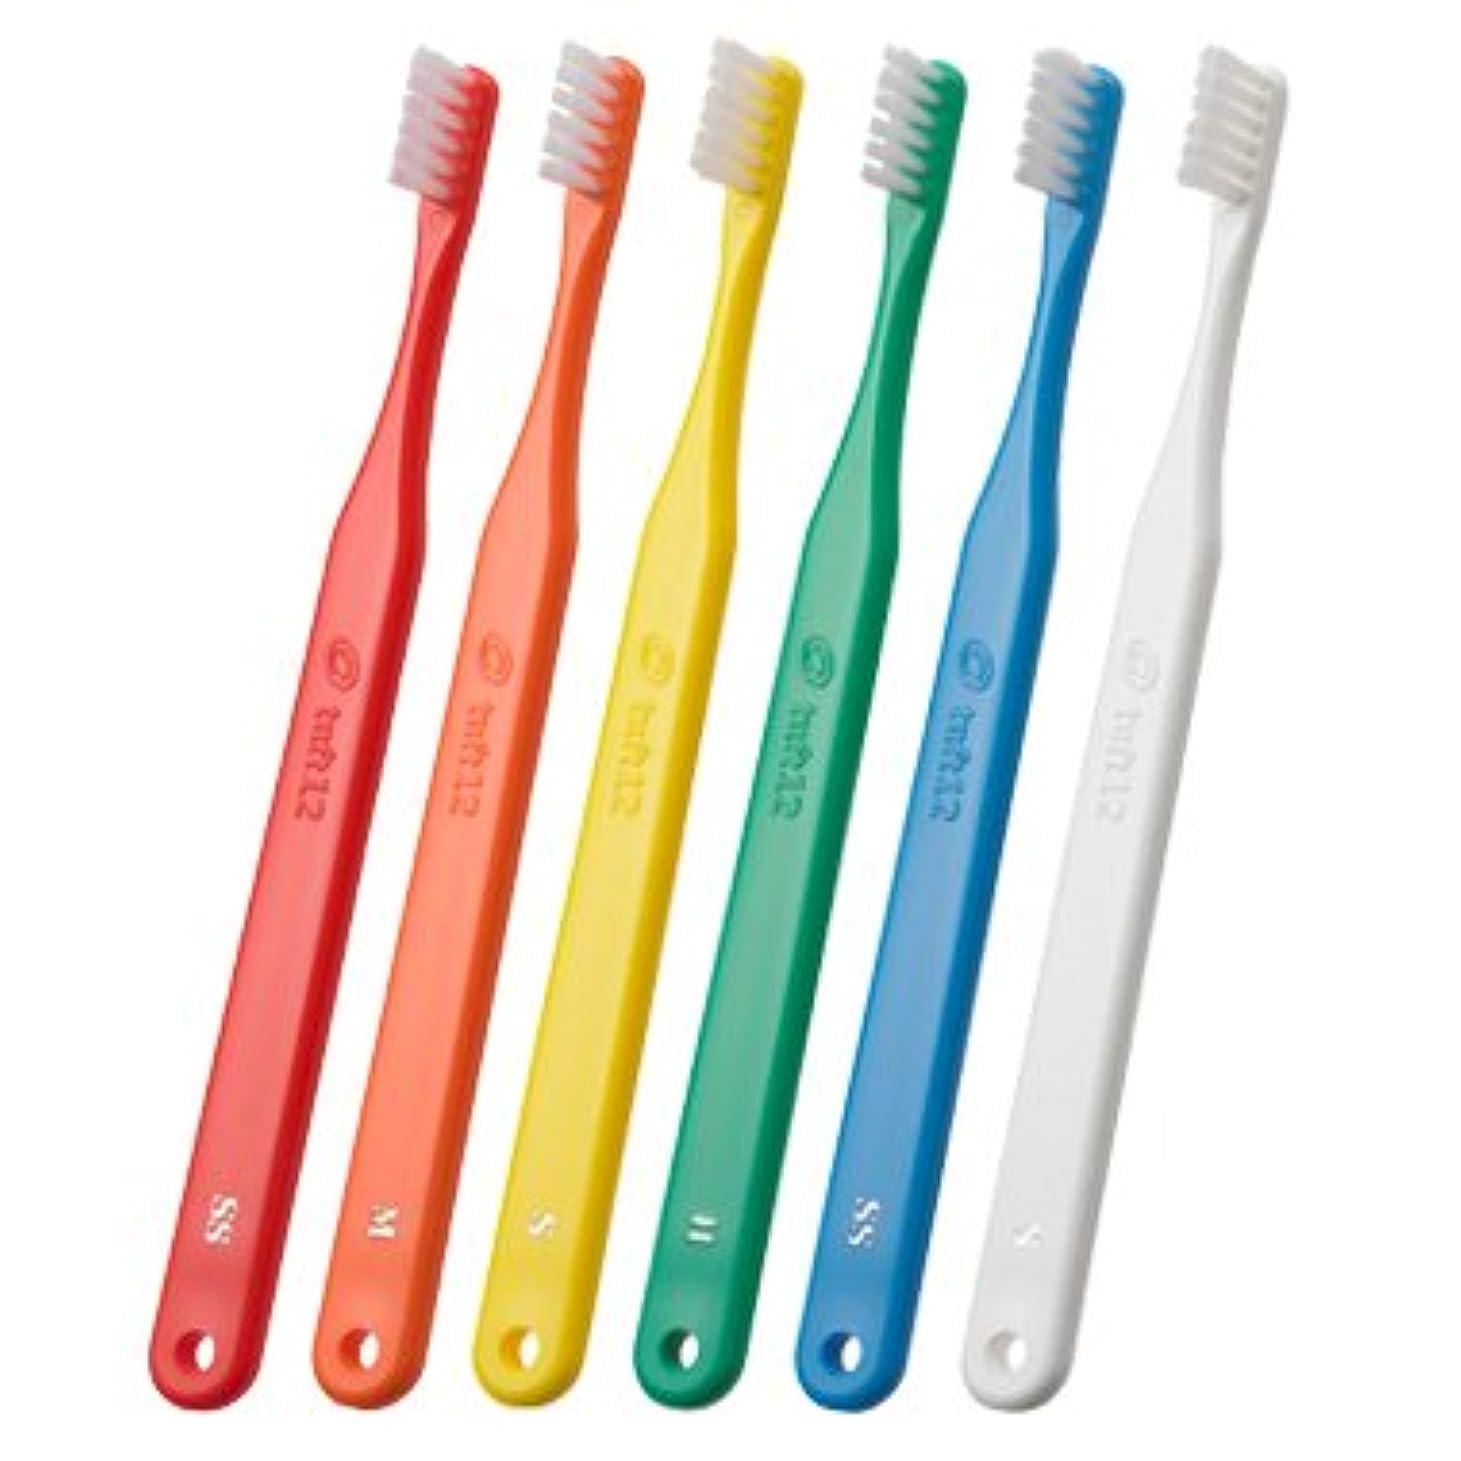 離婚かる内陸歯科用 タフト12 S 25本 ソフト【歯ブラシ】【やわらかめ】矯正患者さん向け _ ホワイト